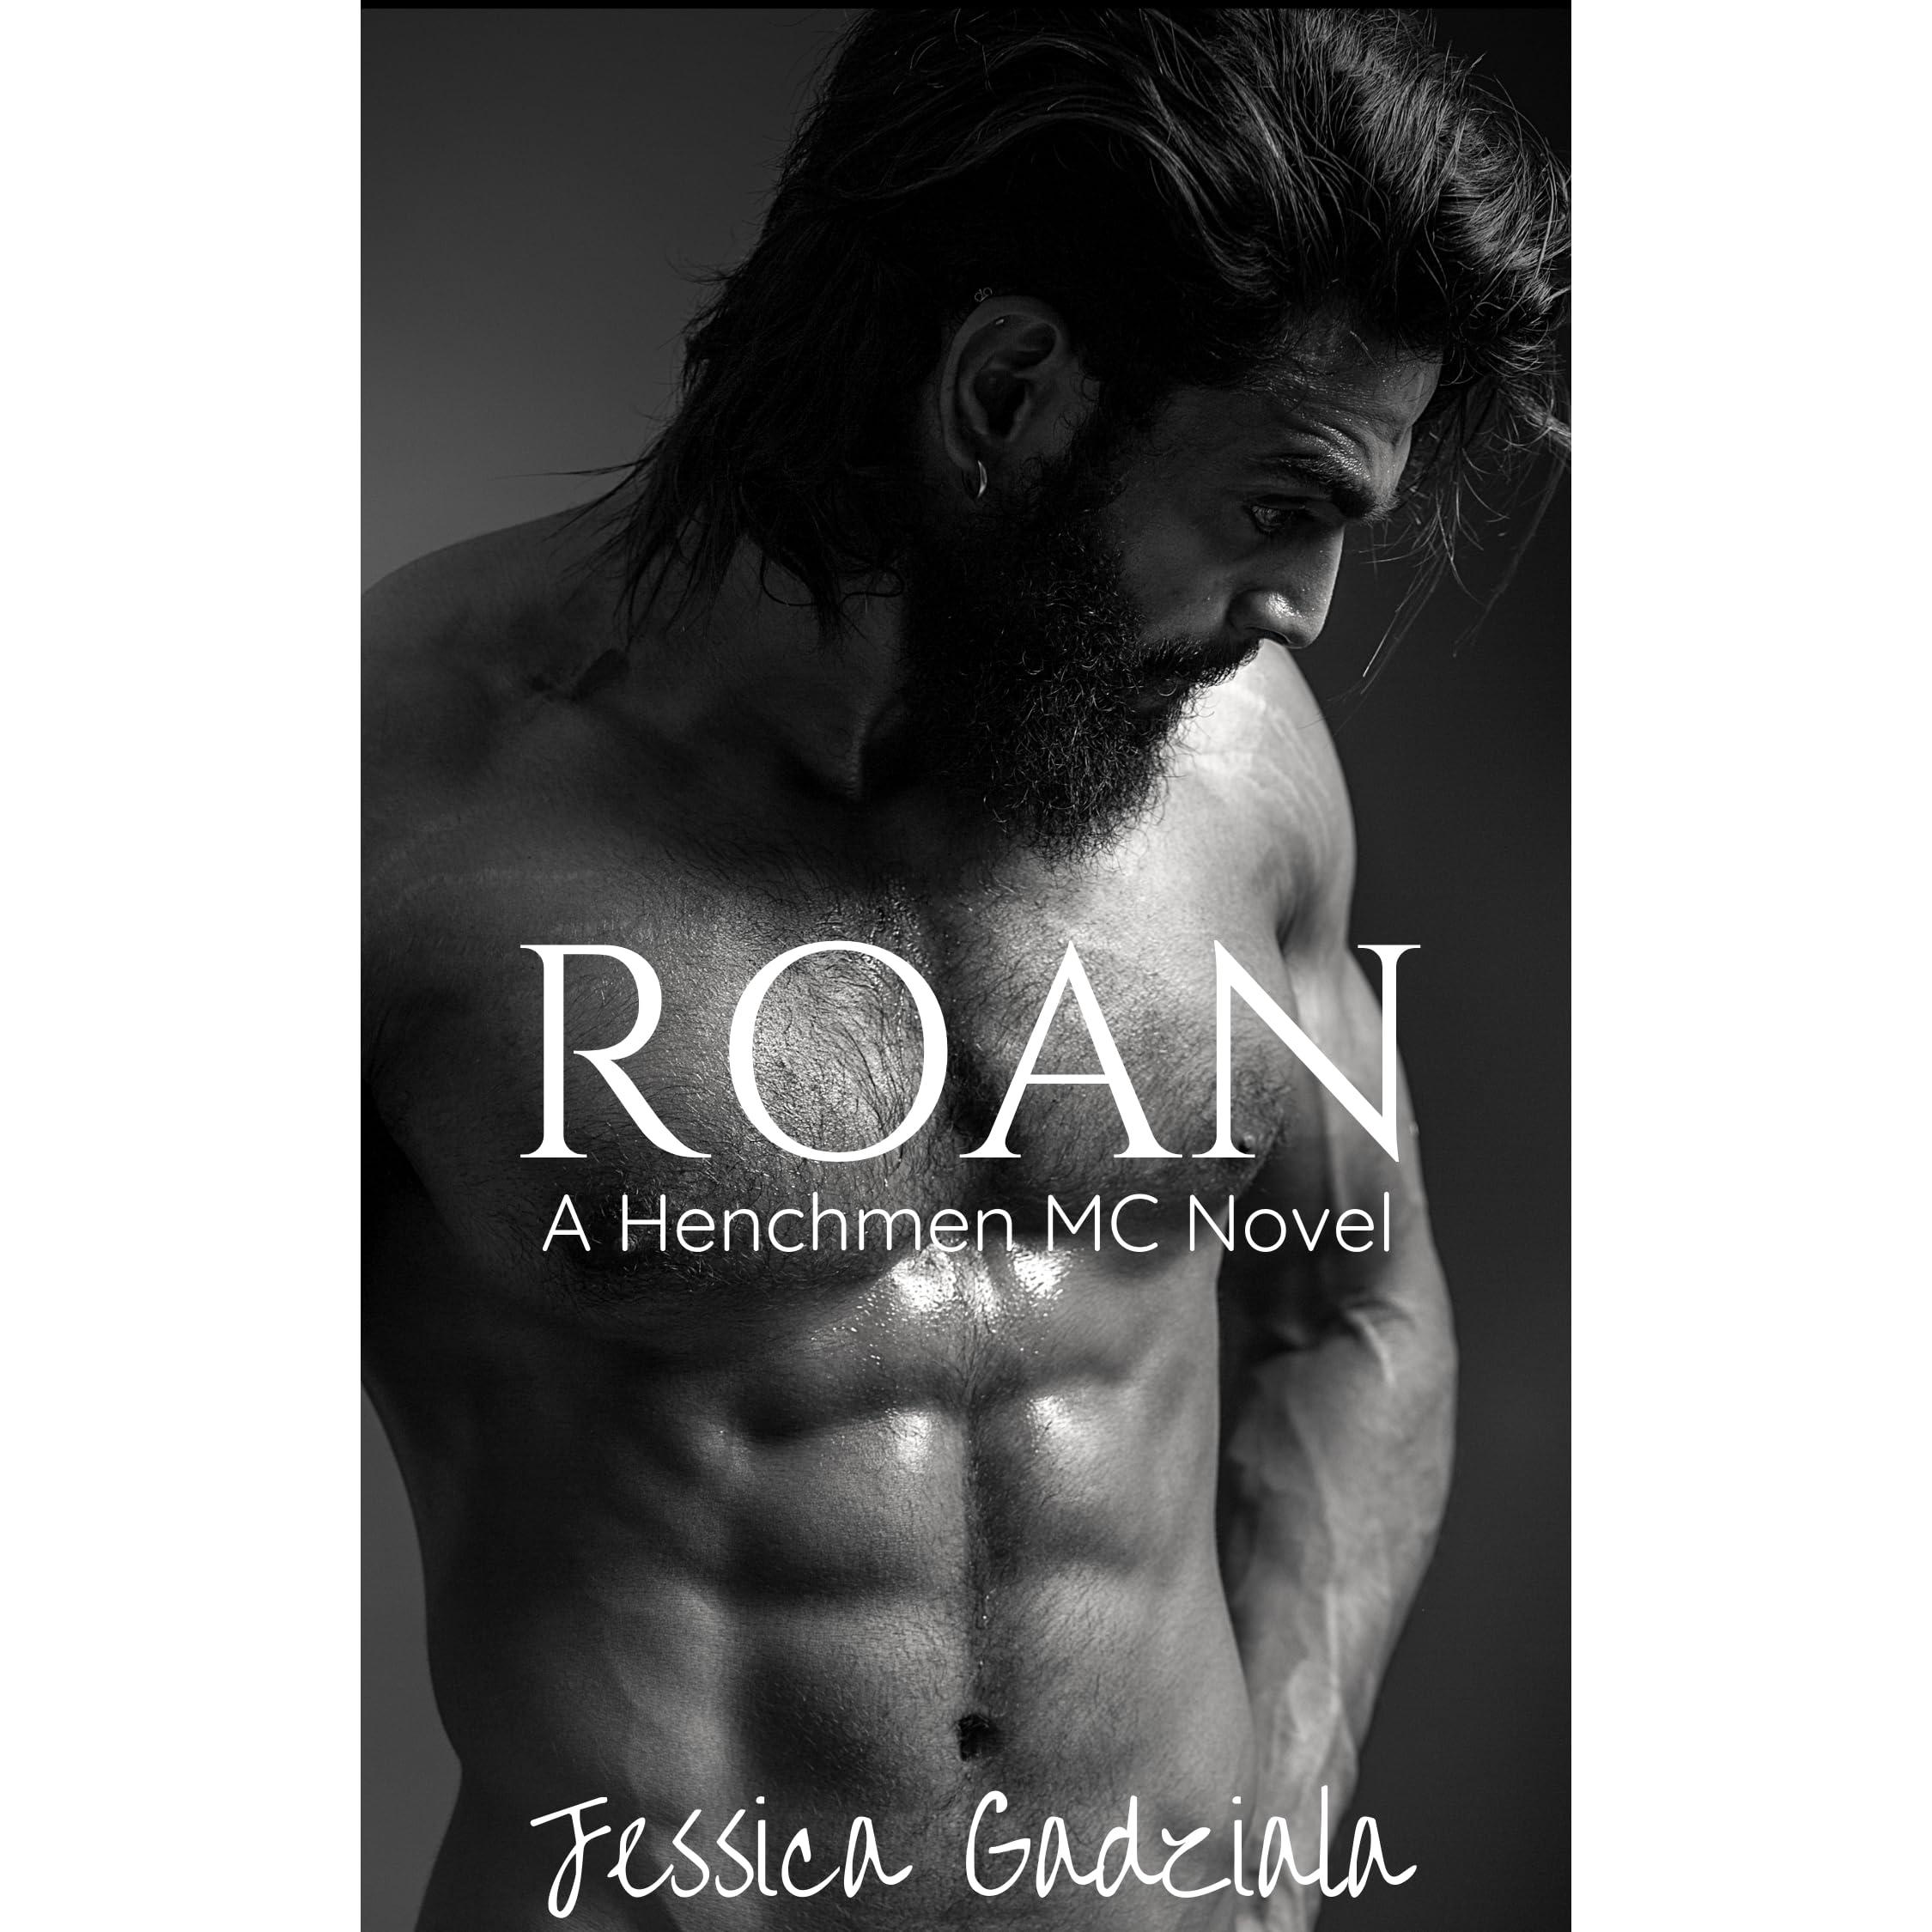 Roan (The Henchmen MC, #17) by Jessica Gadziala